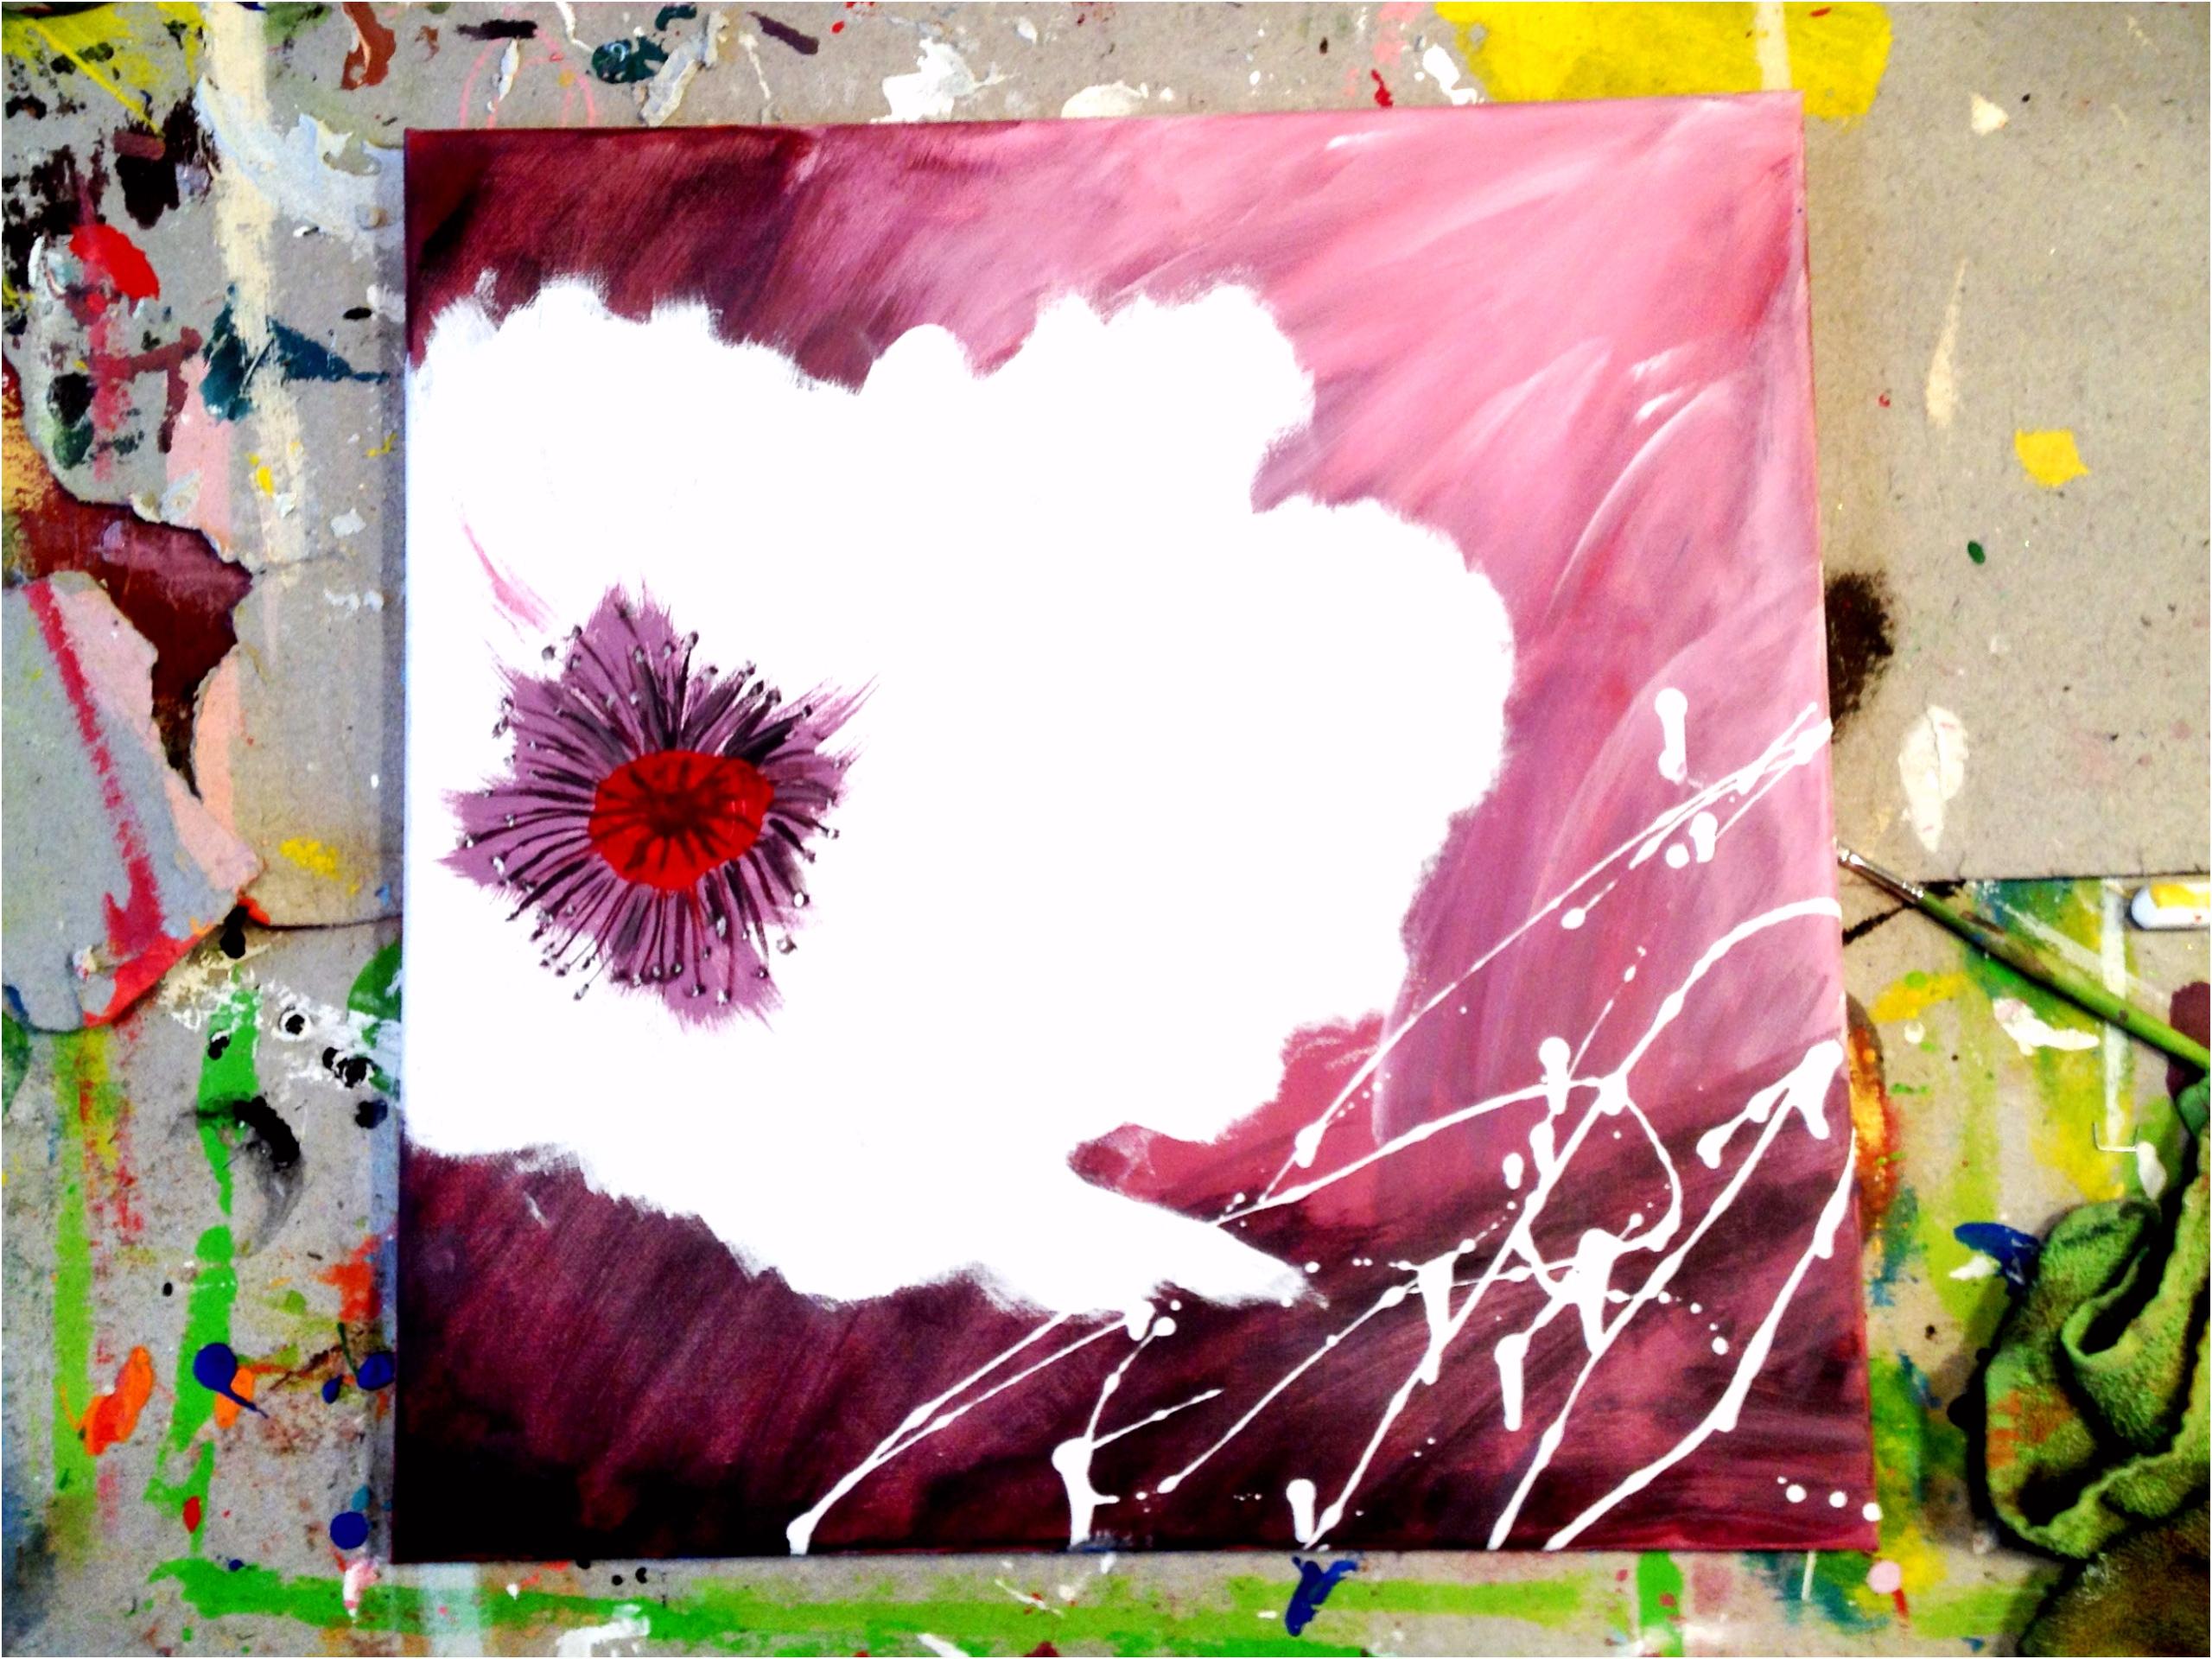 Malen Auf Leinwand Vorlagen Leinwand Gestalten Mit Acryl Y6tu43jas9 Quzd56hps4